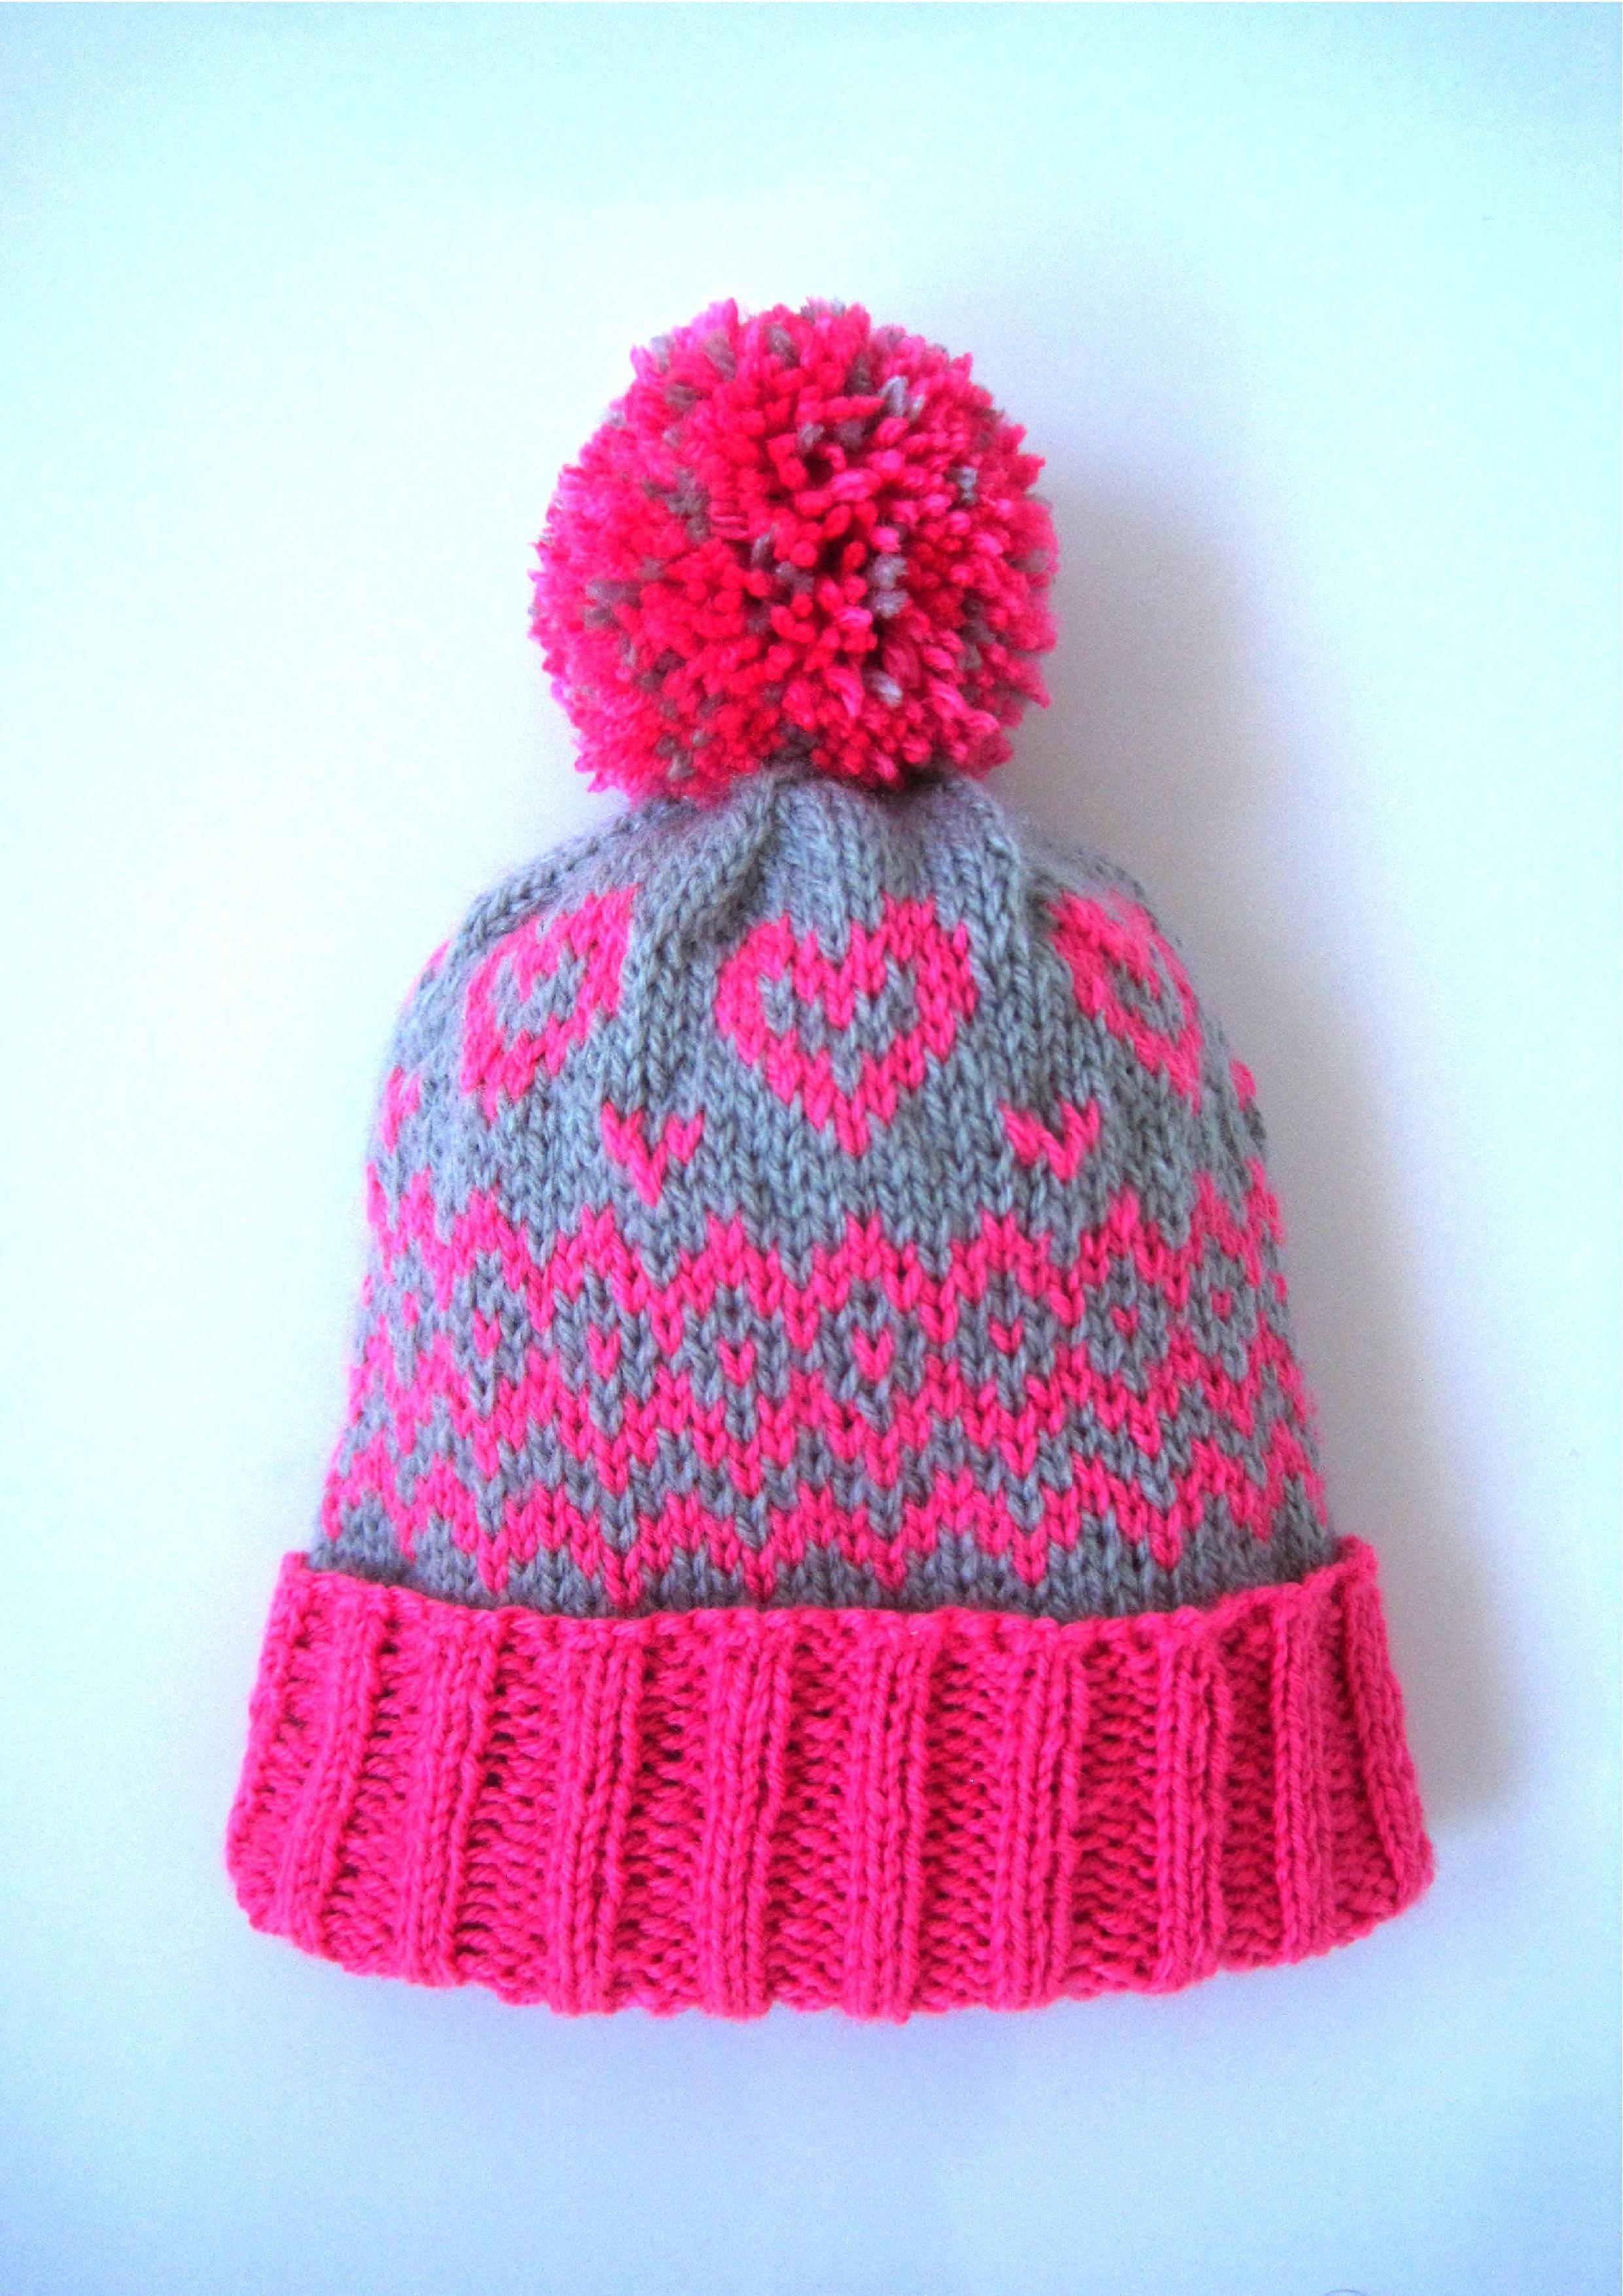 knitting pattern bobble hat pom pom beanie baby girl child ...